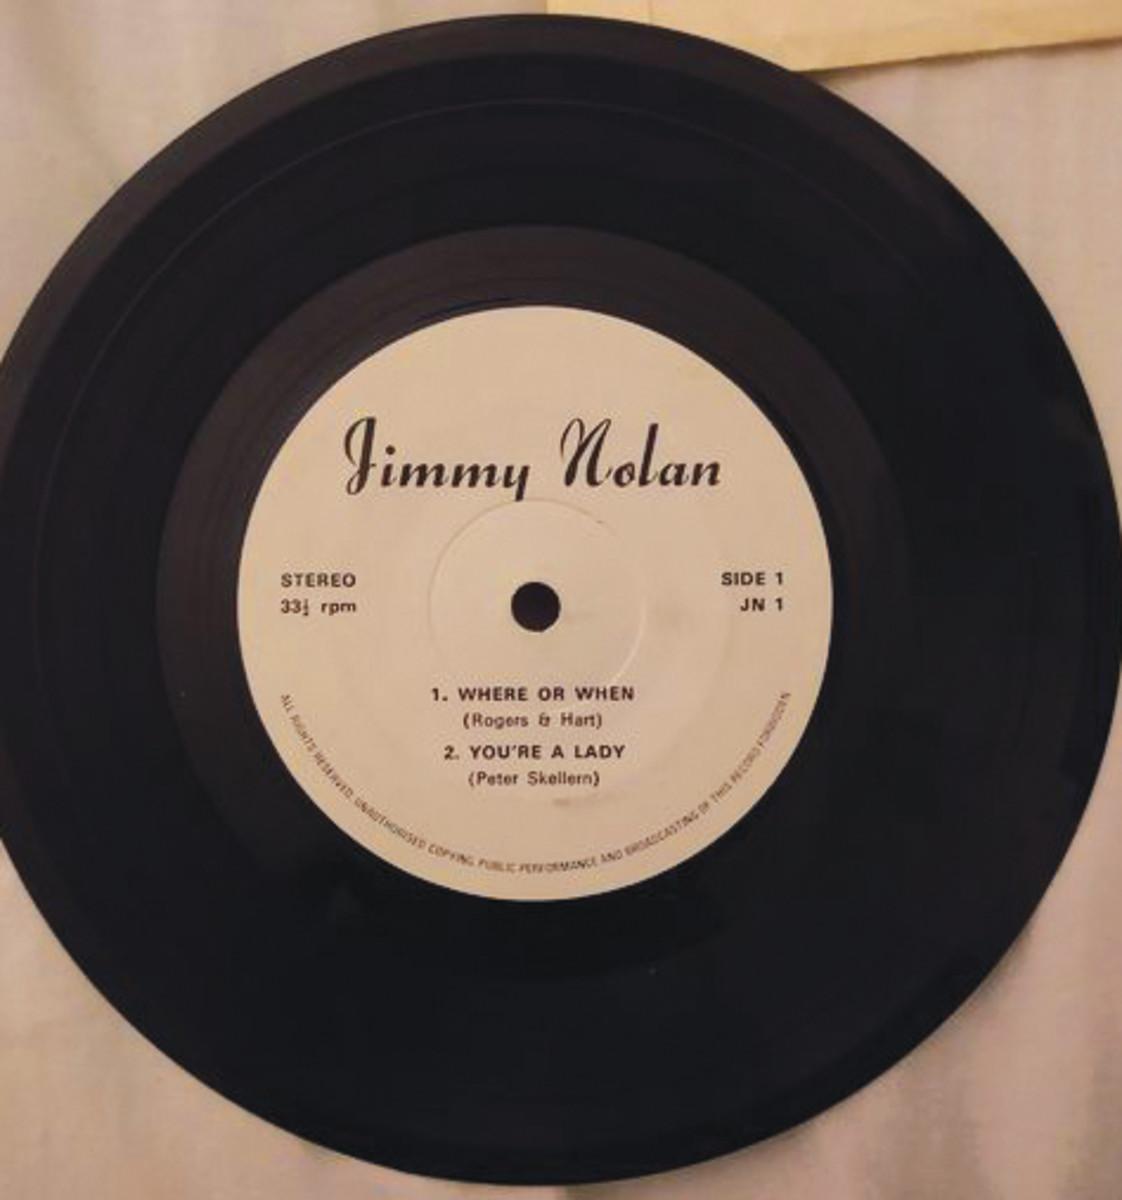 Jimmy Nolan